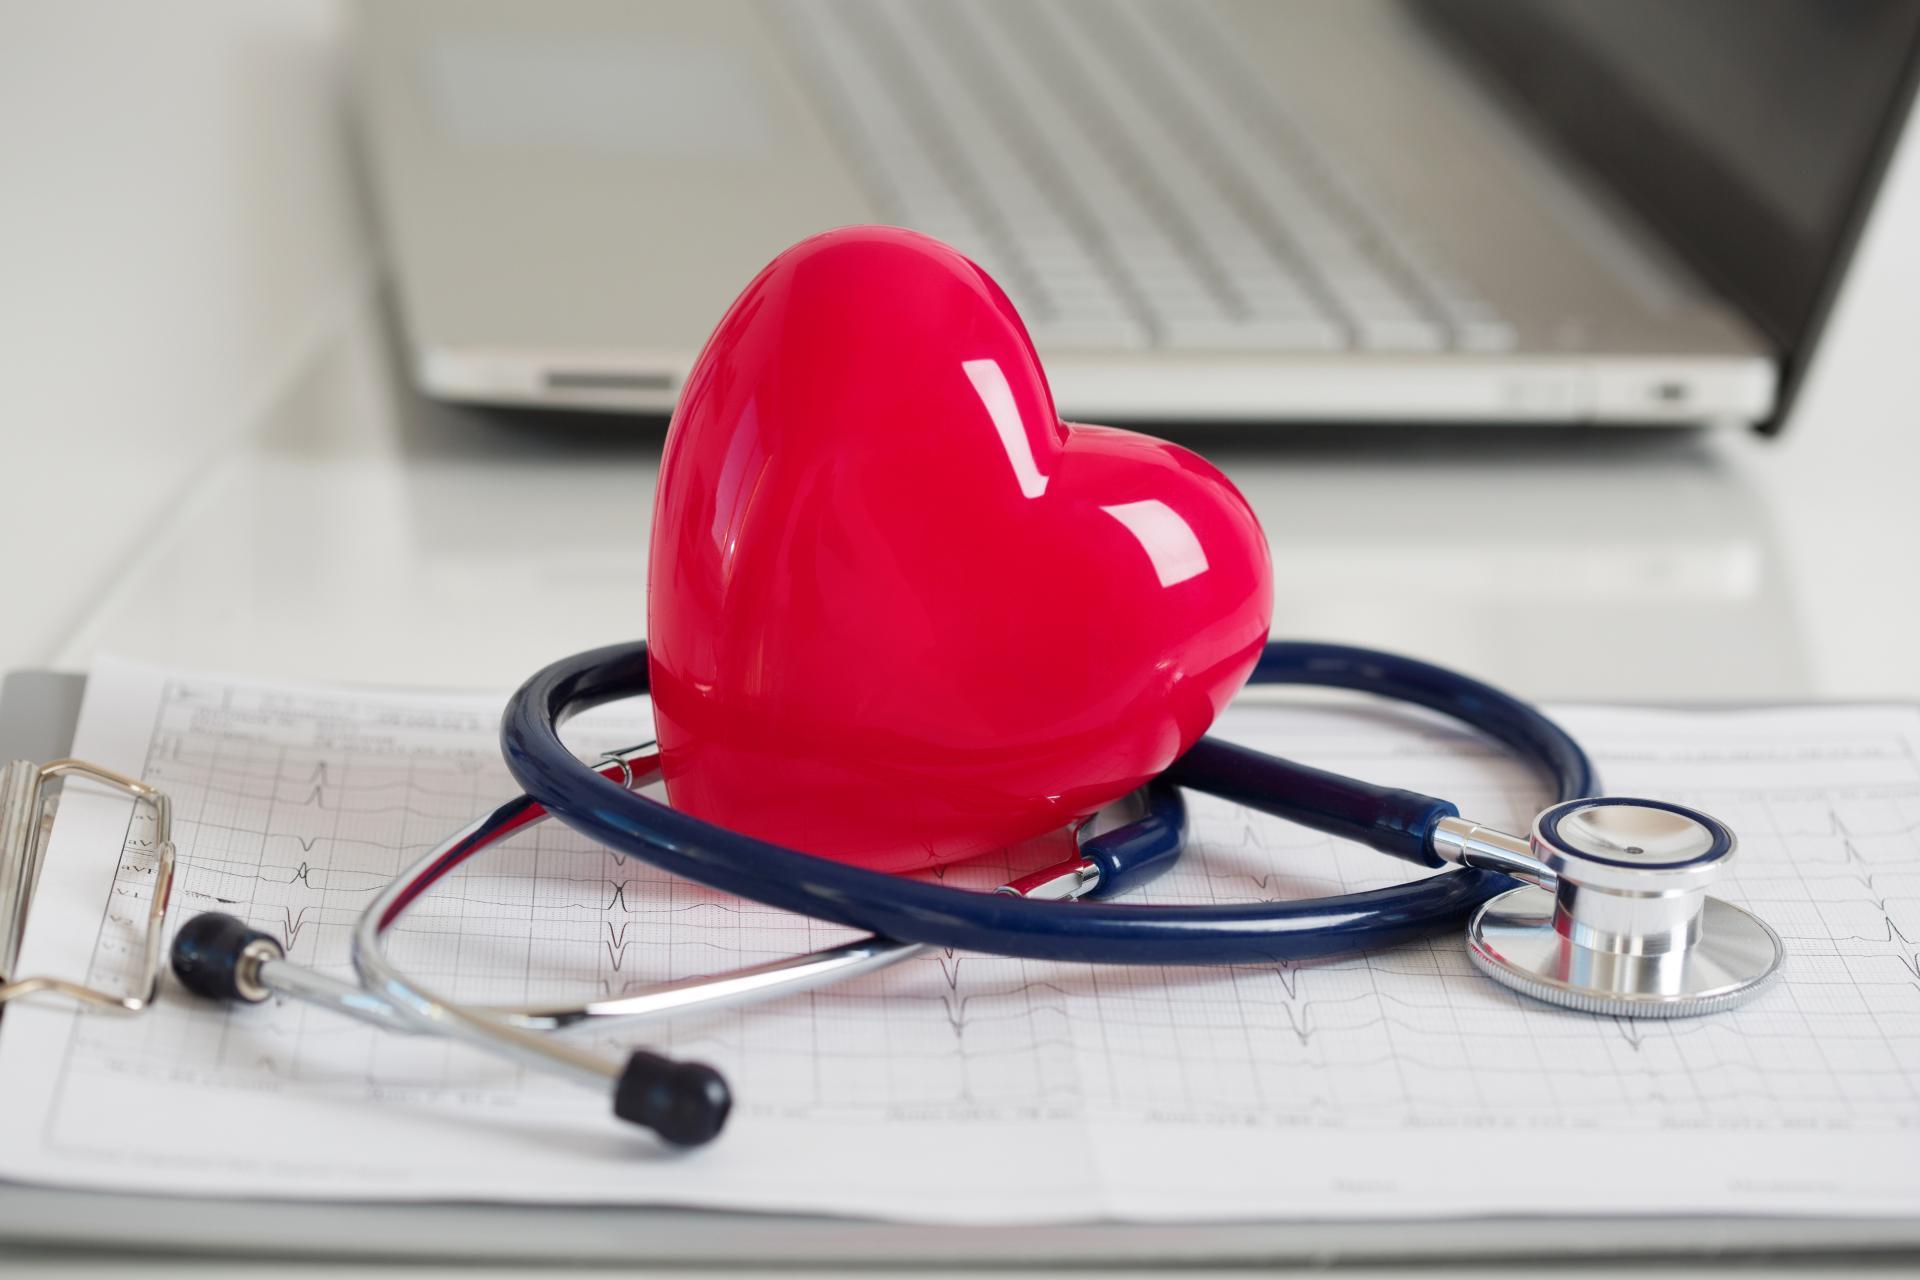 Plastikowe czerwone serce leżące obok profesjonalnego sprzętu lekarskiego